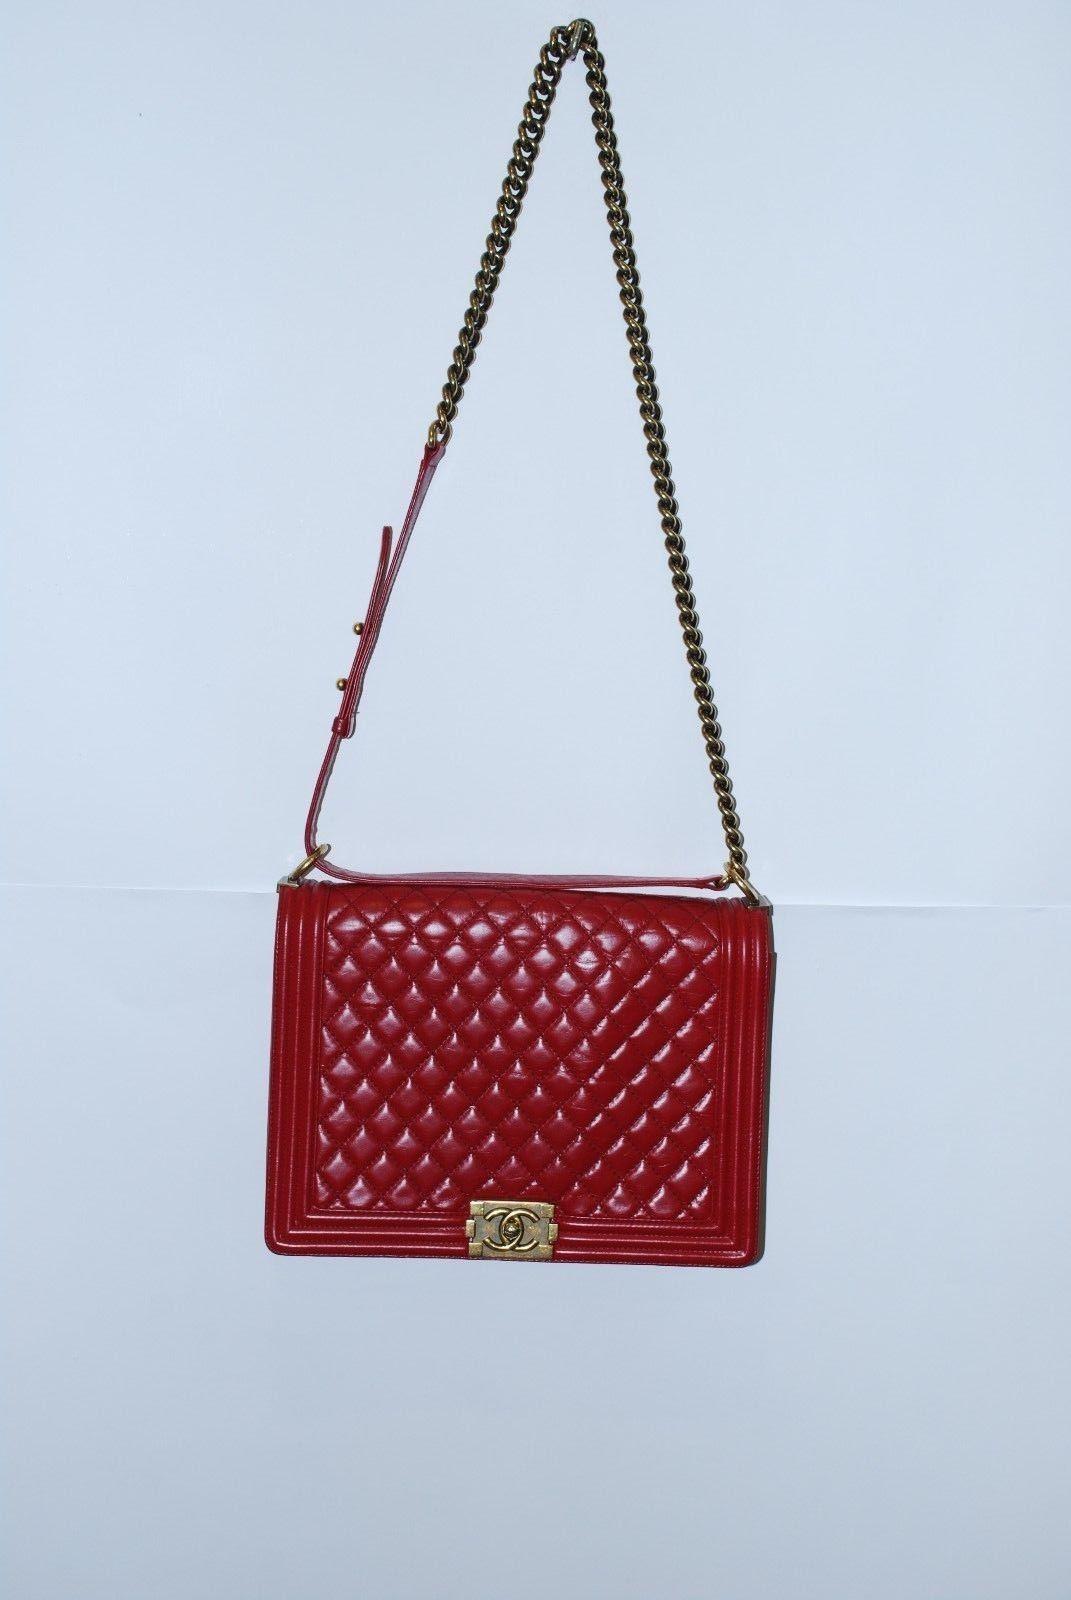 8247f2508740 CHANEL Boy Red CC Quilted Leather Handbag Chain Messenger Shoulder Bag Large